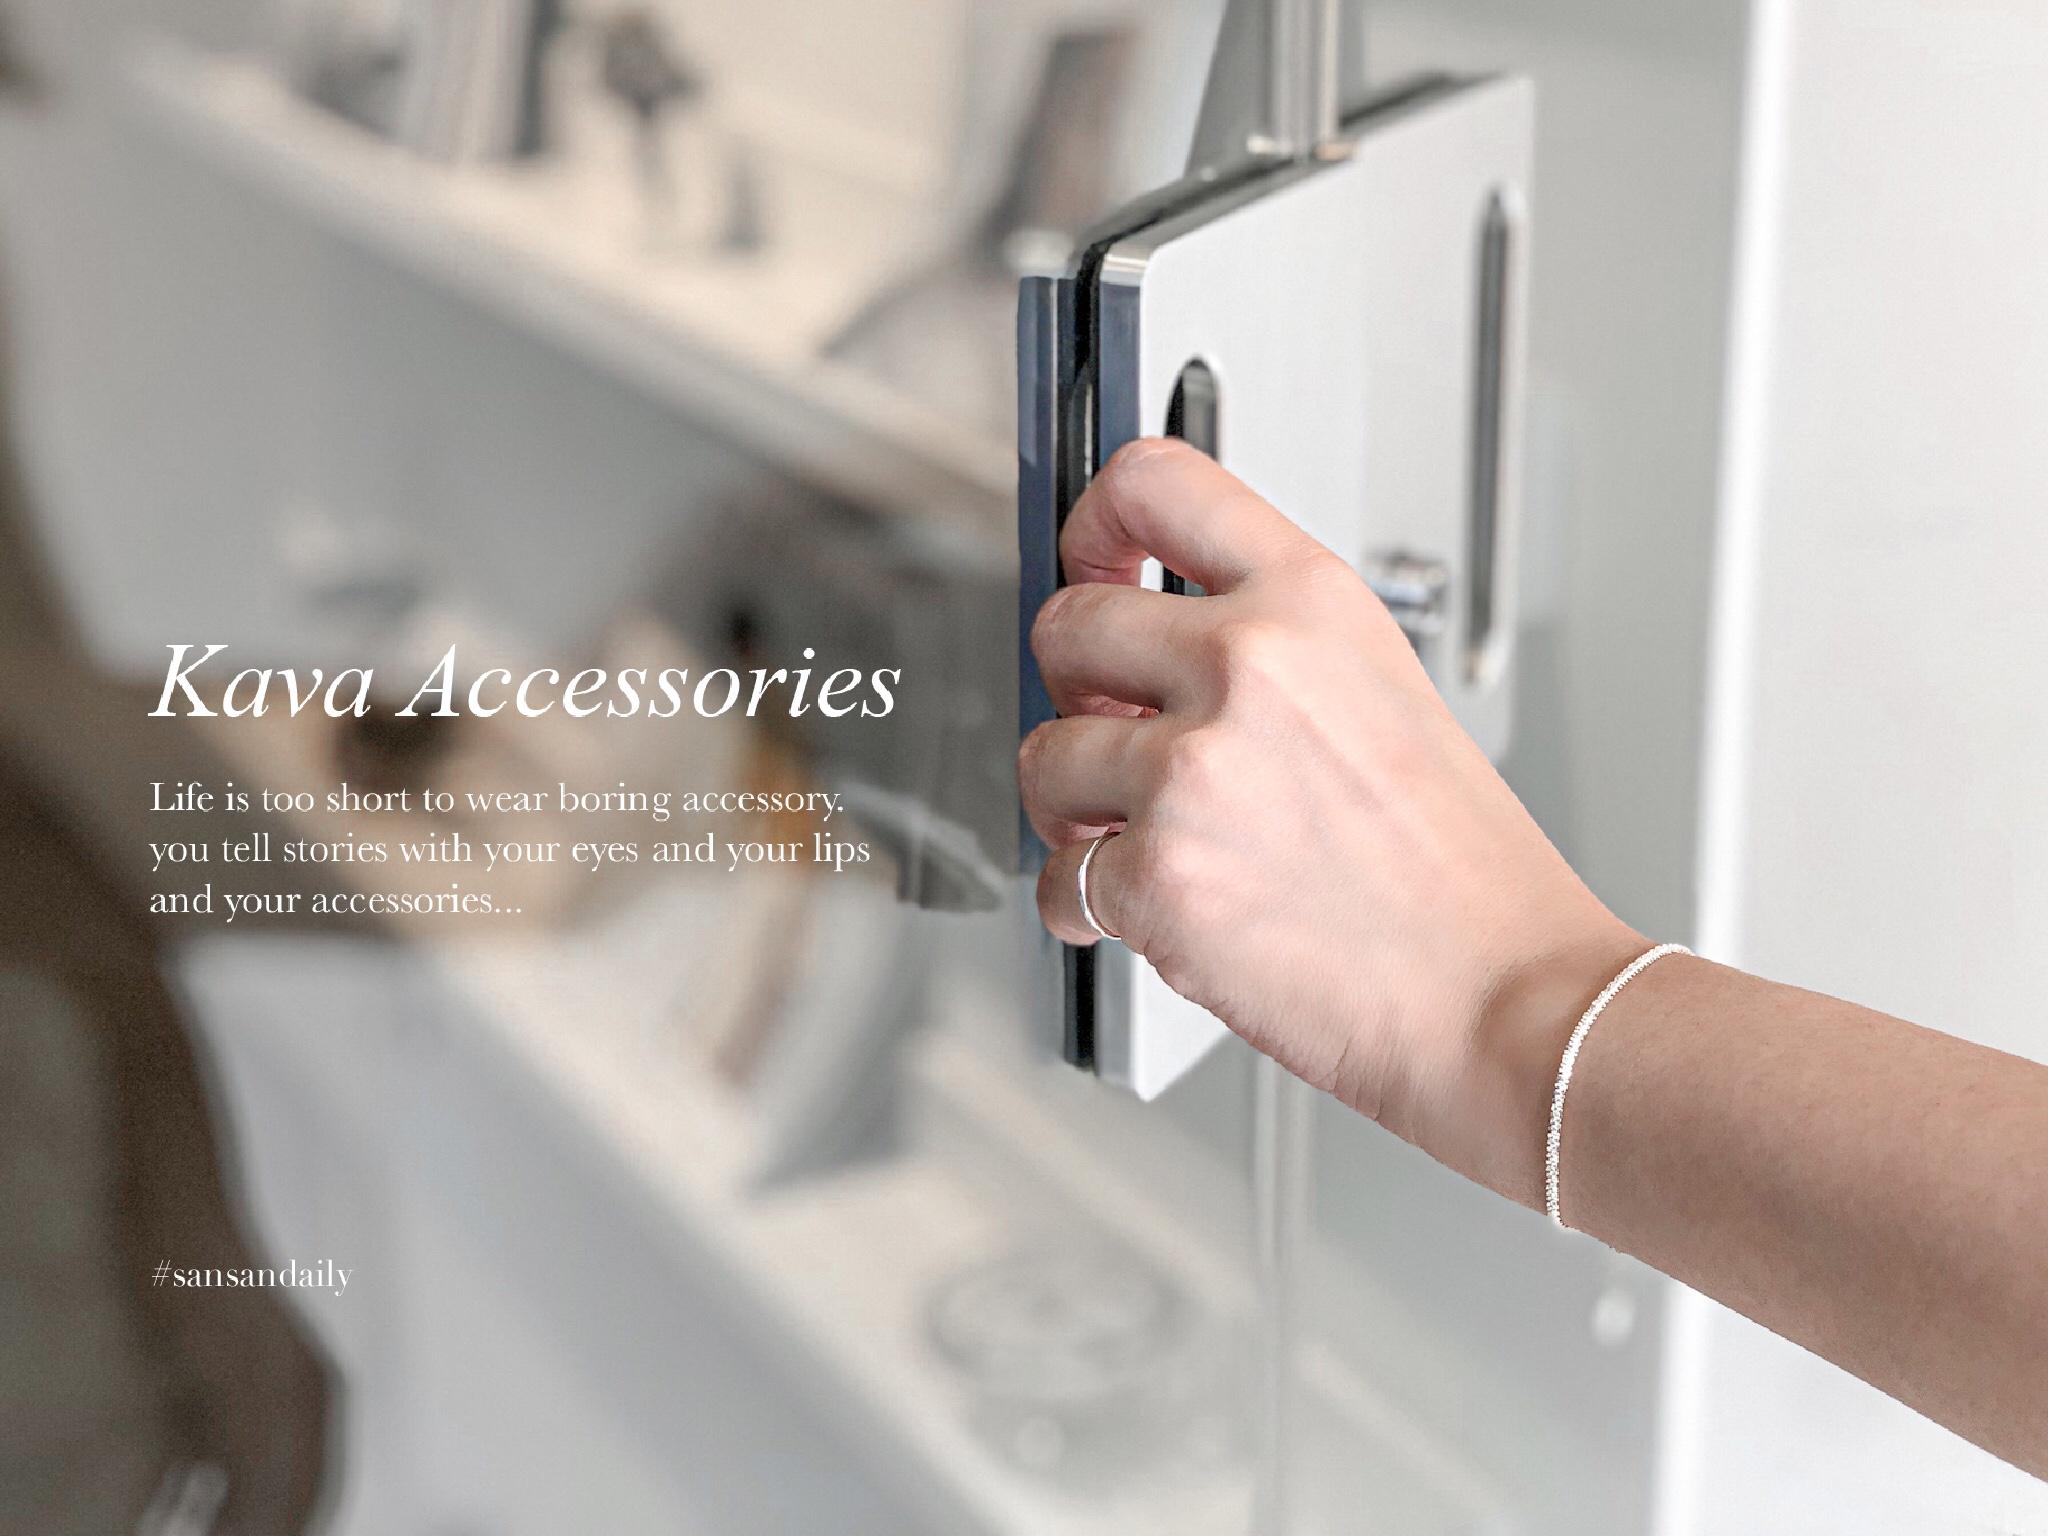 每天戴的.必須講究 飾品推薦Kava Accessories氣質出眾帶點小個性|sansan開箱